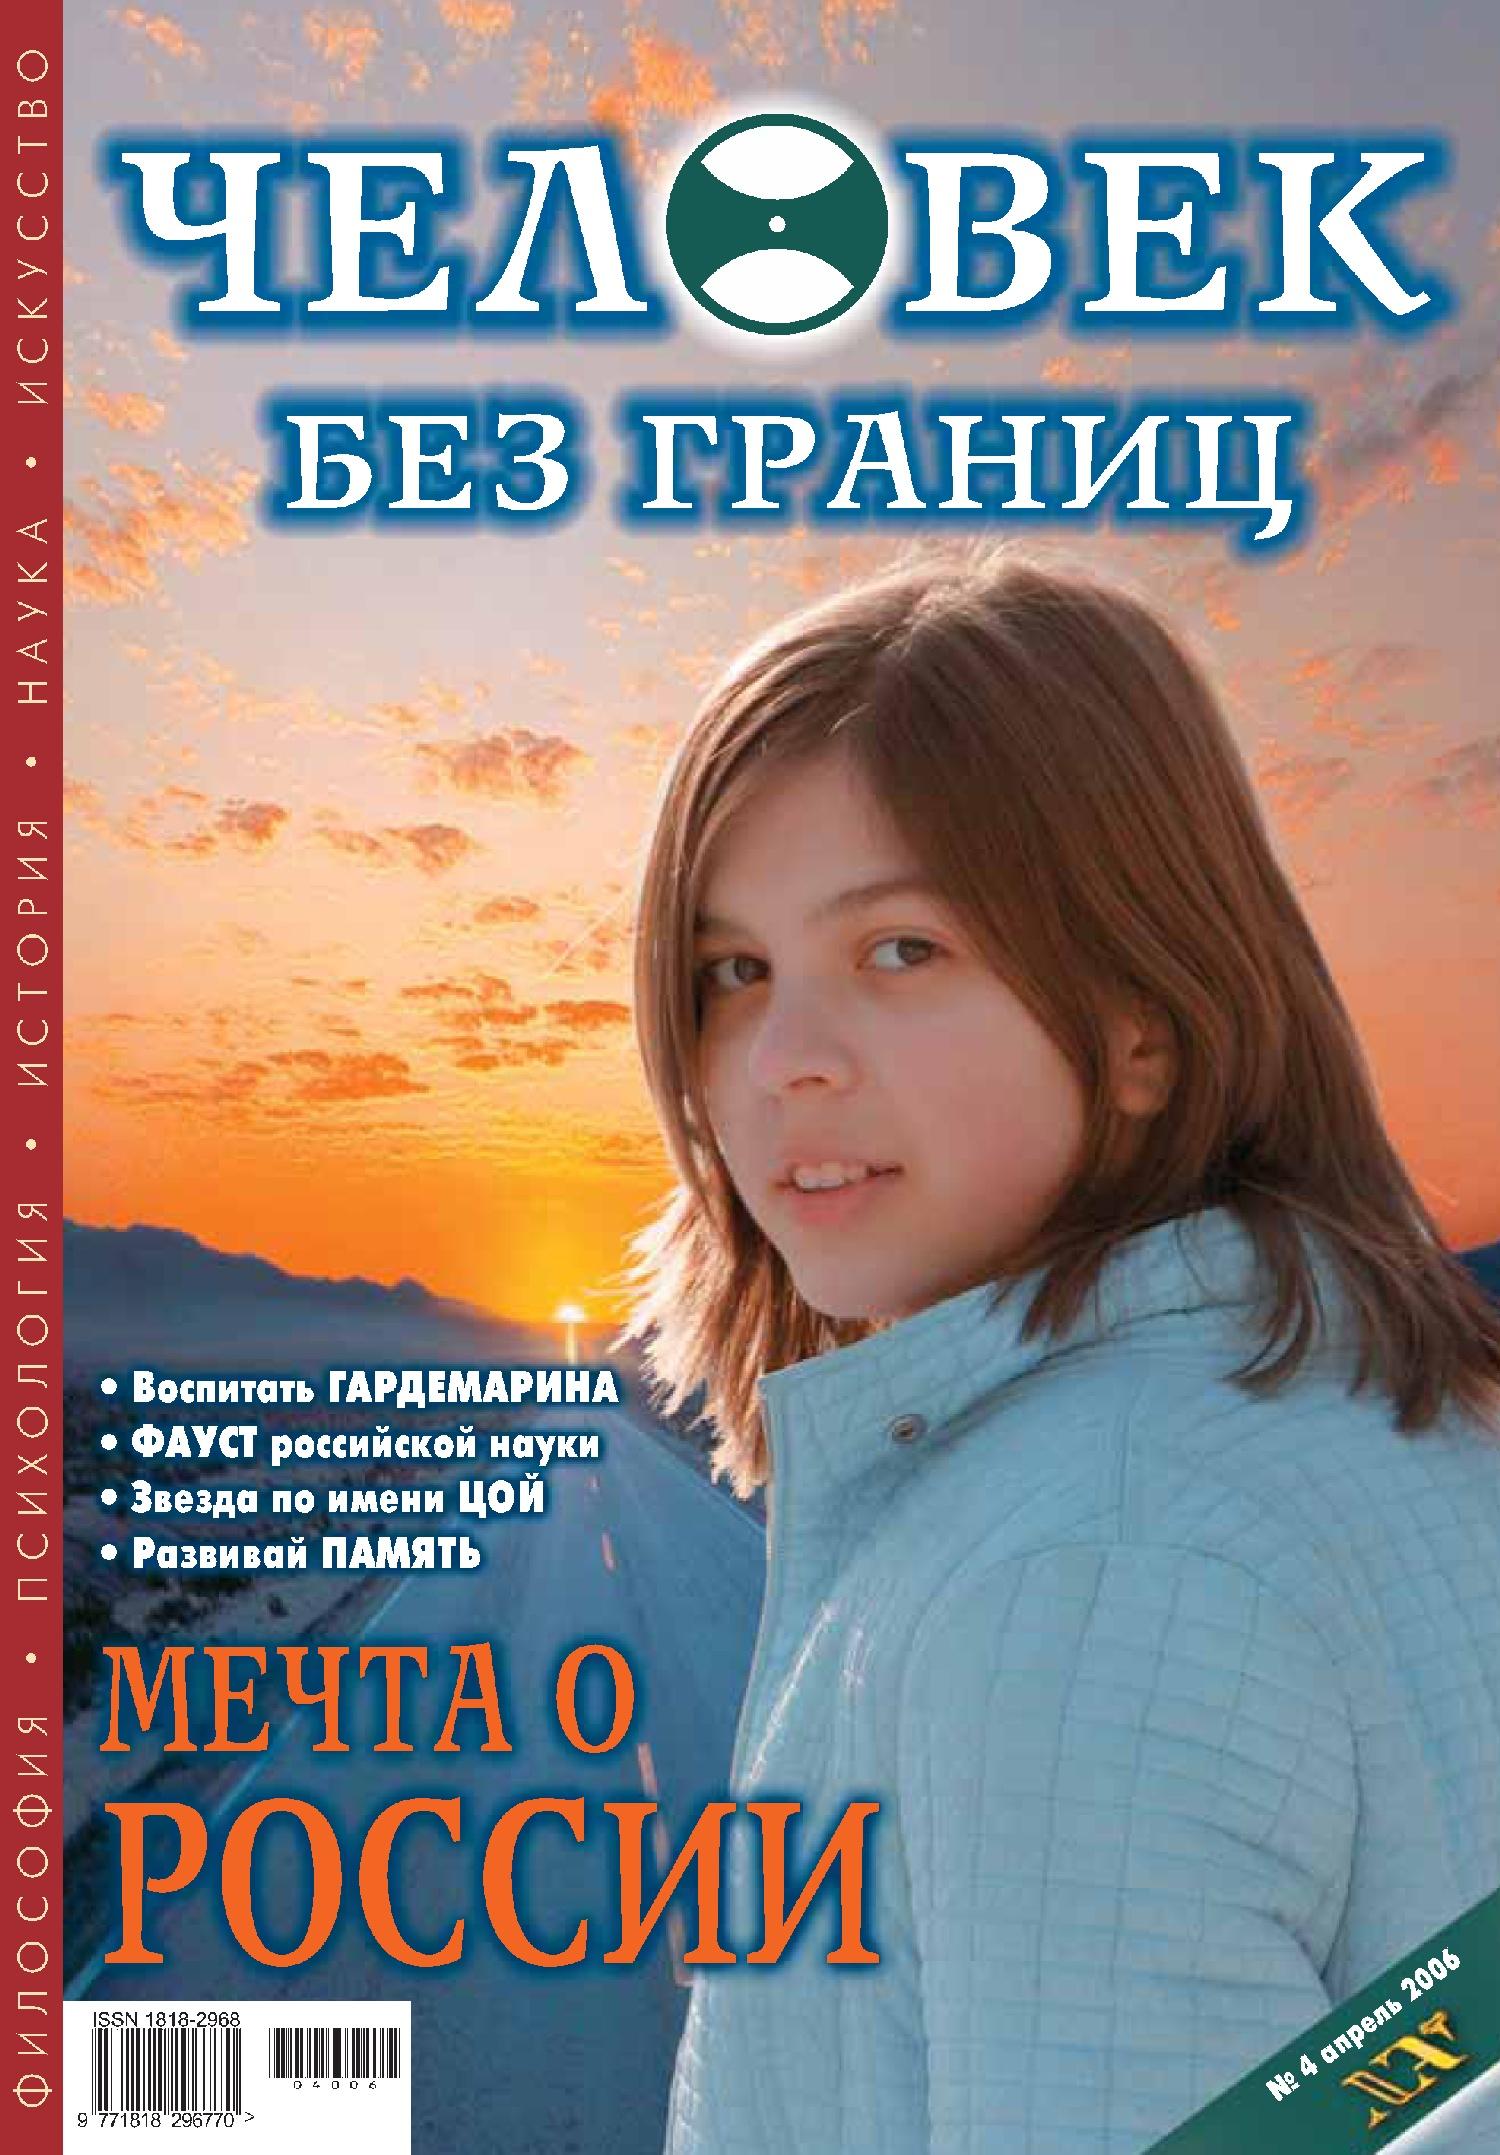 Отсутствует Журнал «Человек без границ» №4 (05) 2006 отсутствует журнал человек без границ 2 03 2006